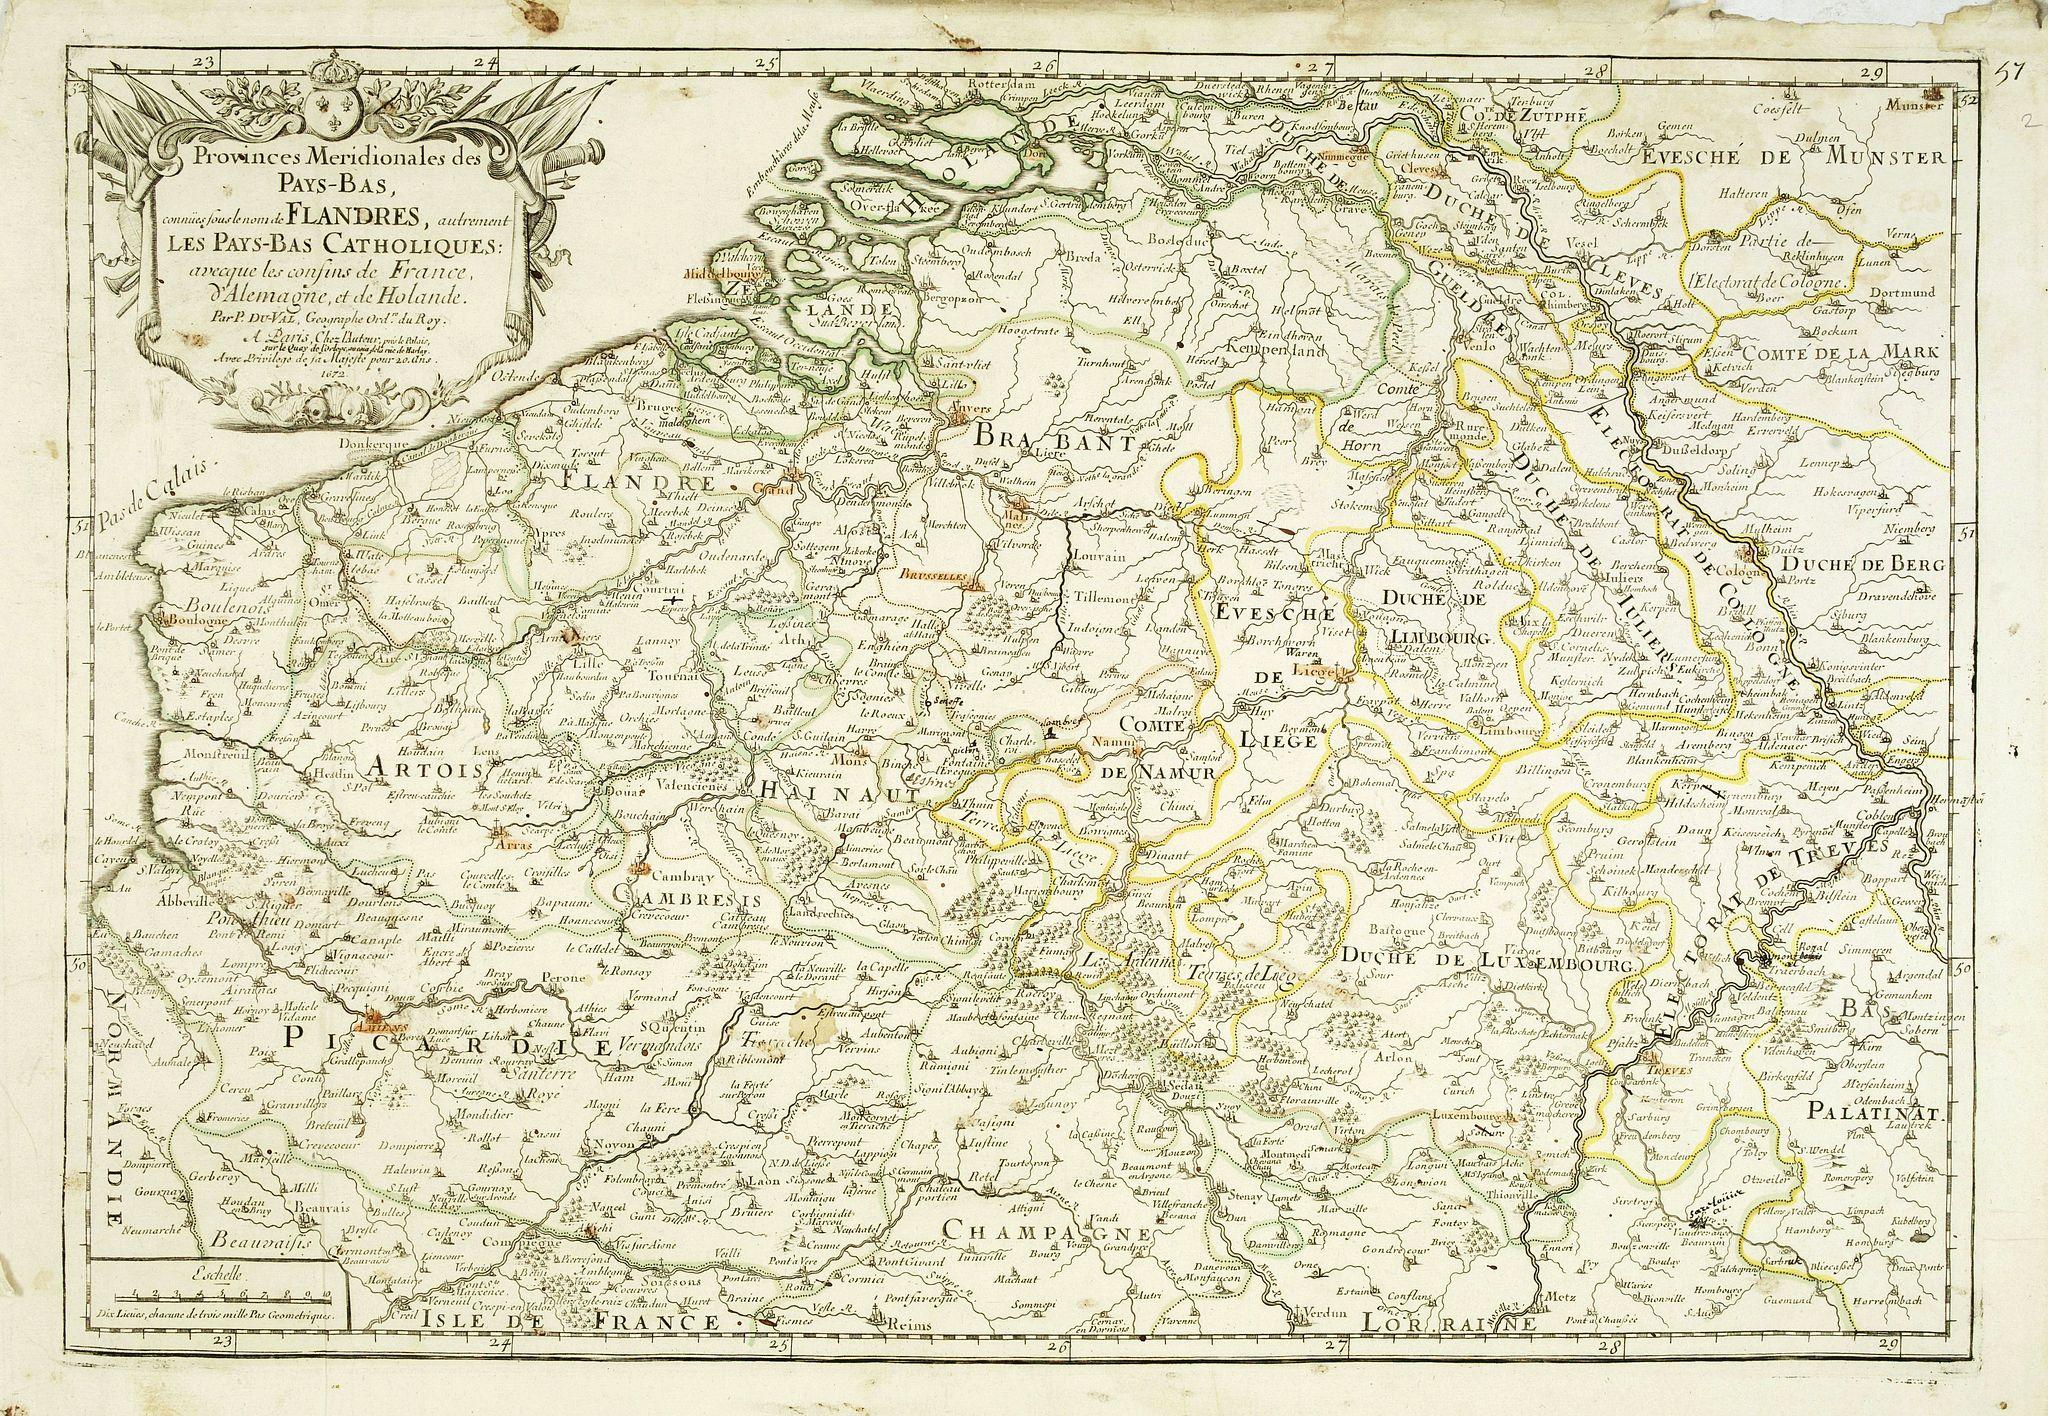 DU VAL, P. -  Provinces meridionales des Pays-Bas connues sous le nom de Flandres, autrement les Pays-Bas Catholiques . . .